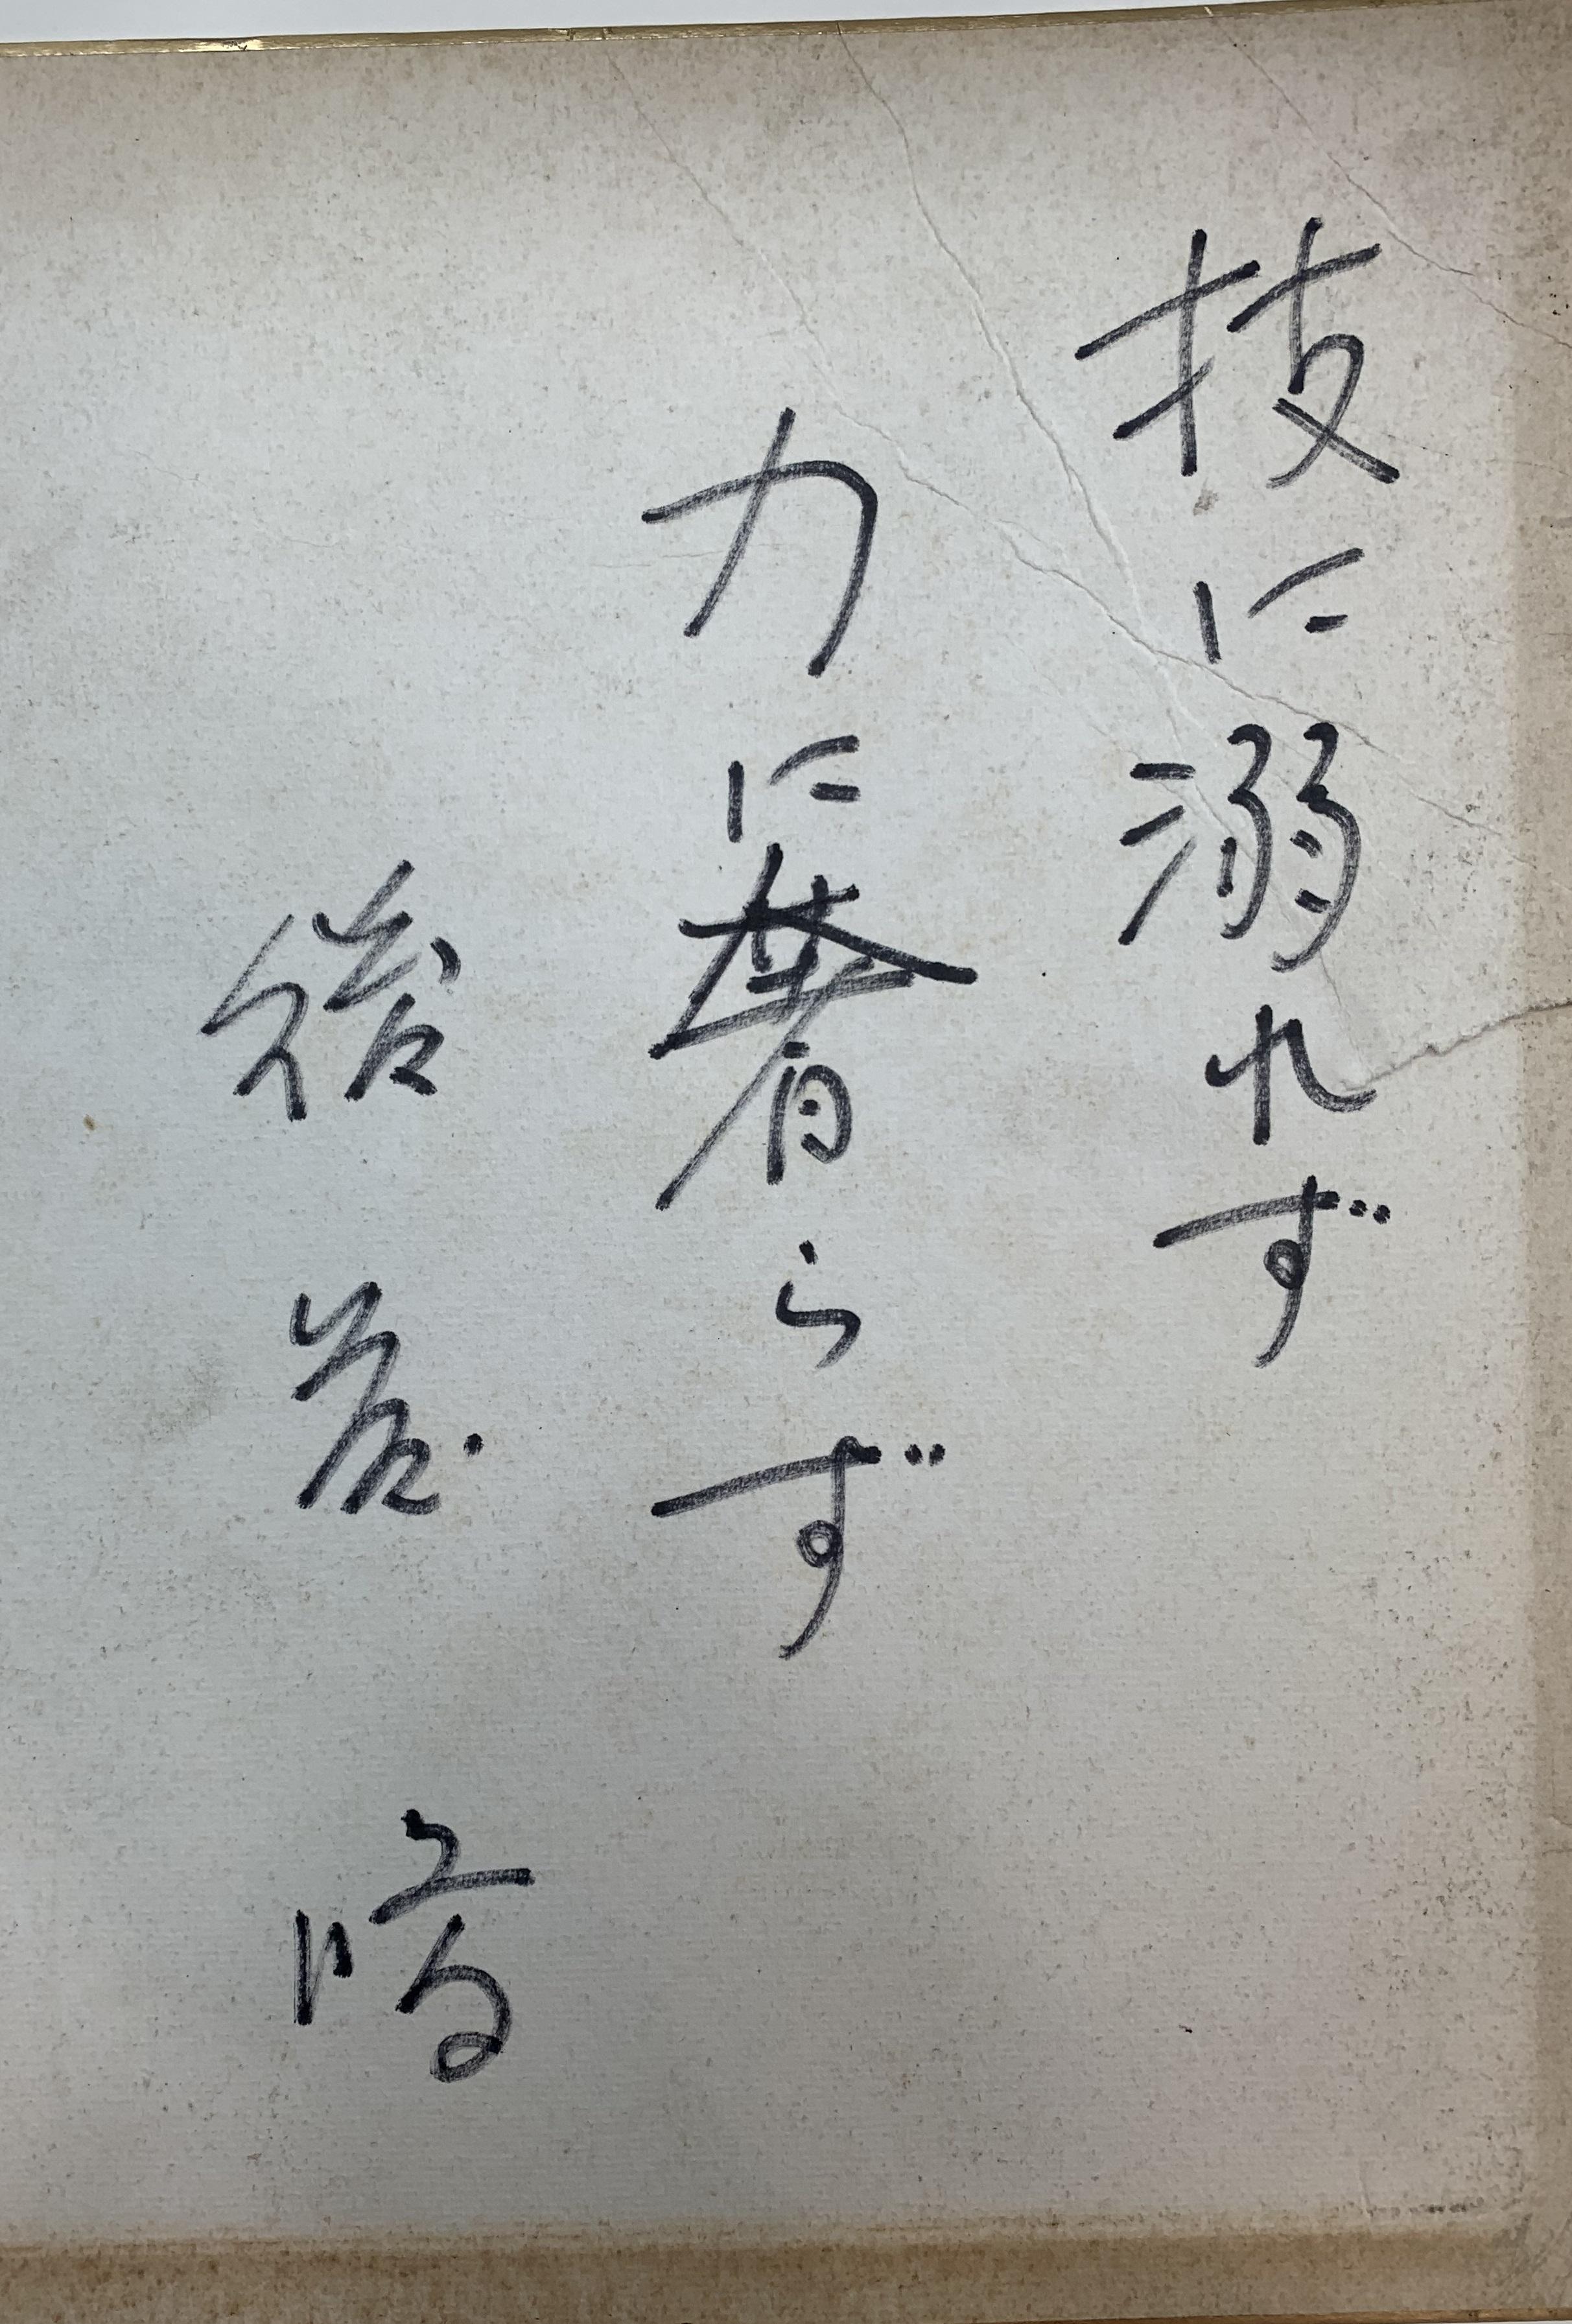 後藤修と歩むスクエア打法 追憶の手紙Part3 叶わぬ想望 3・4